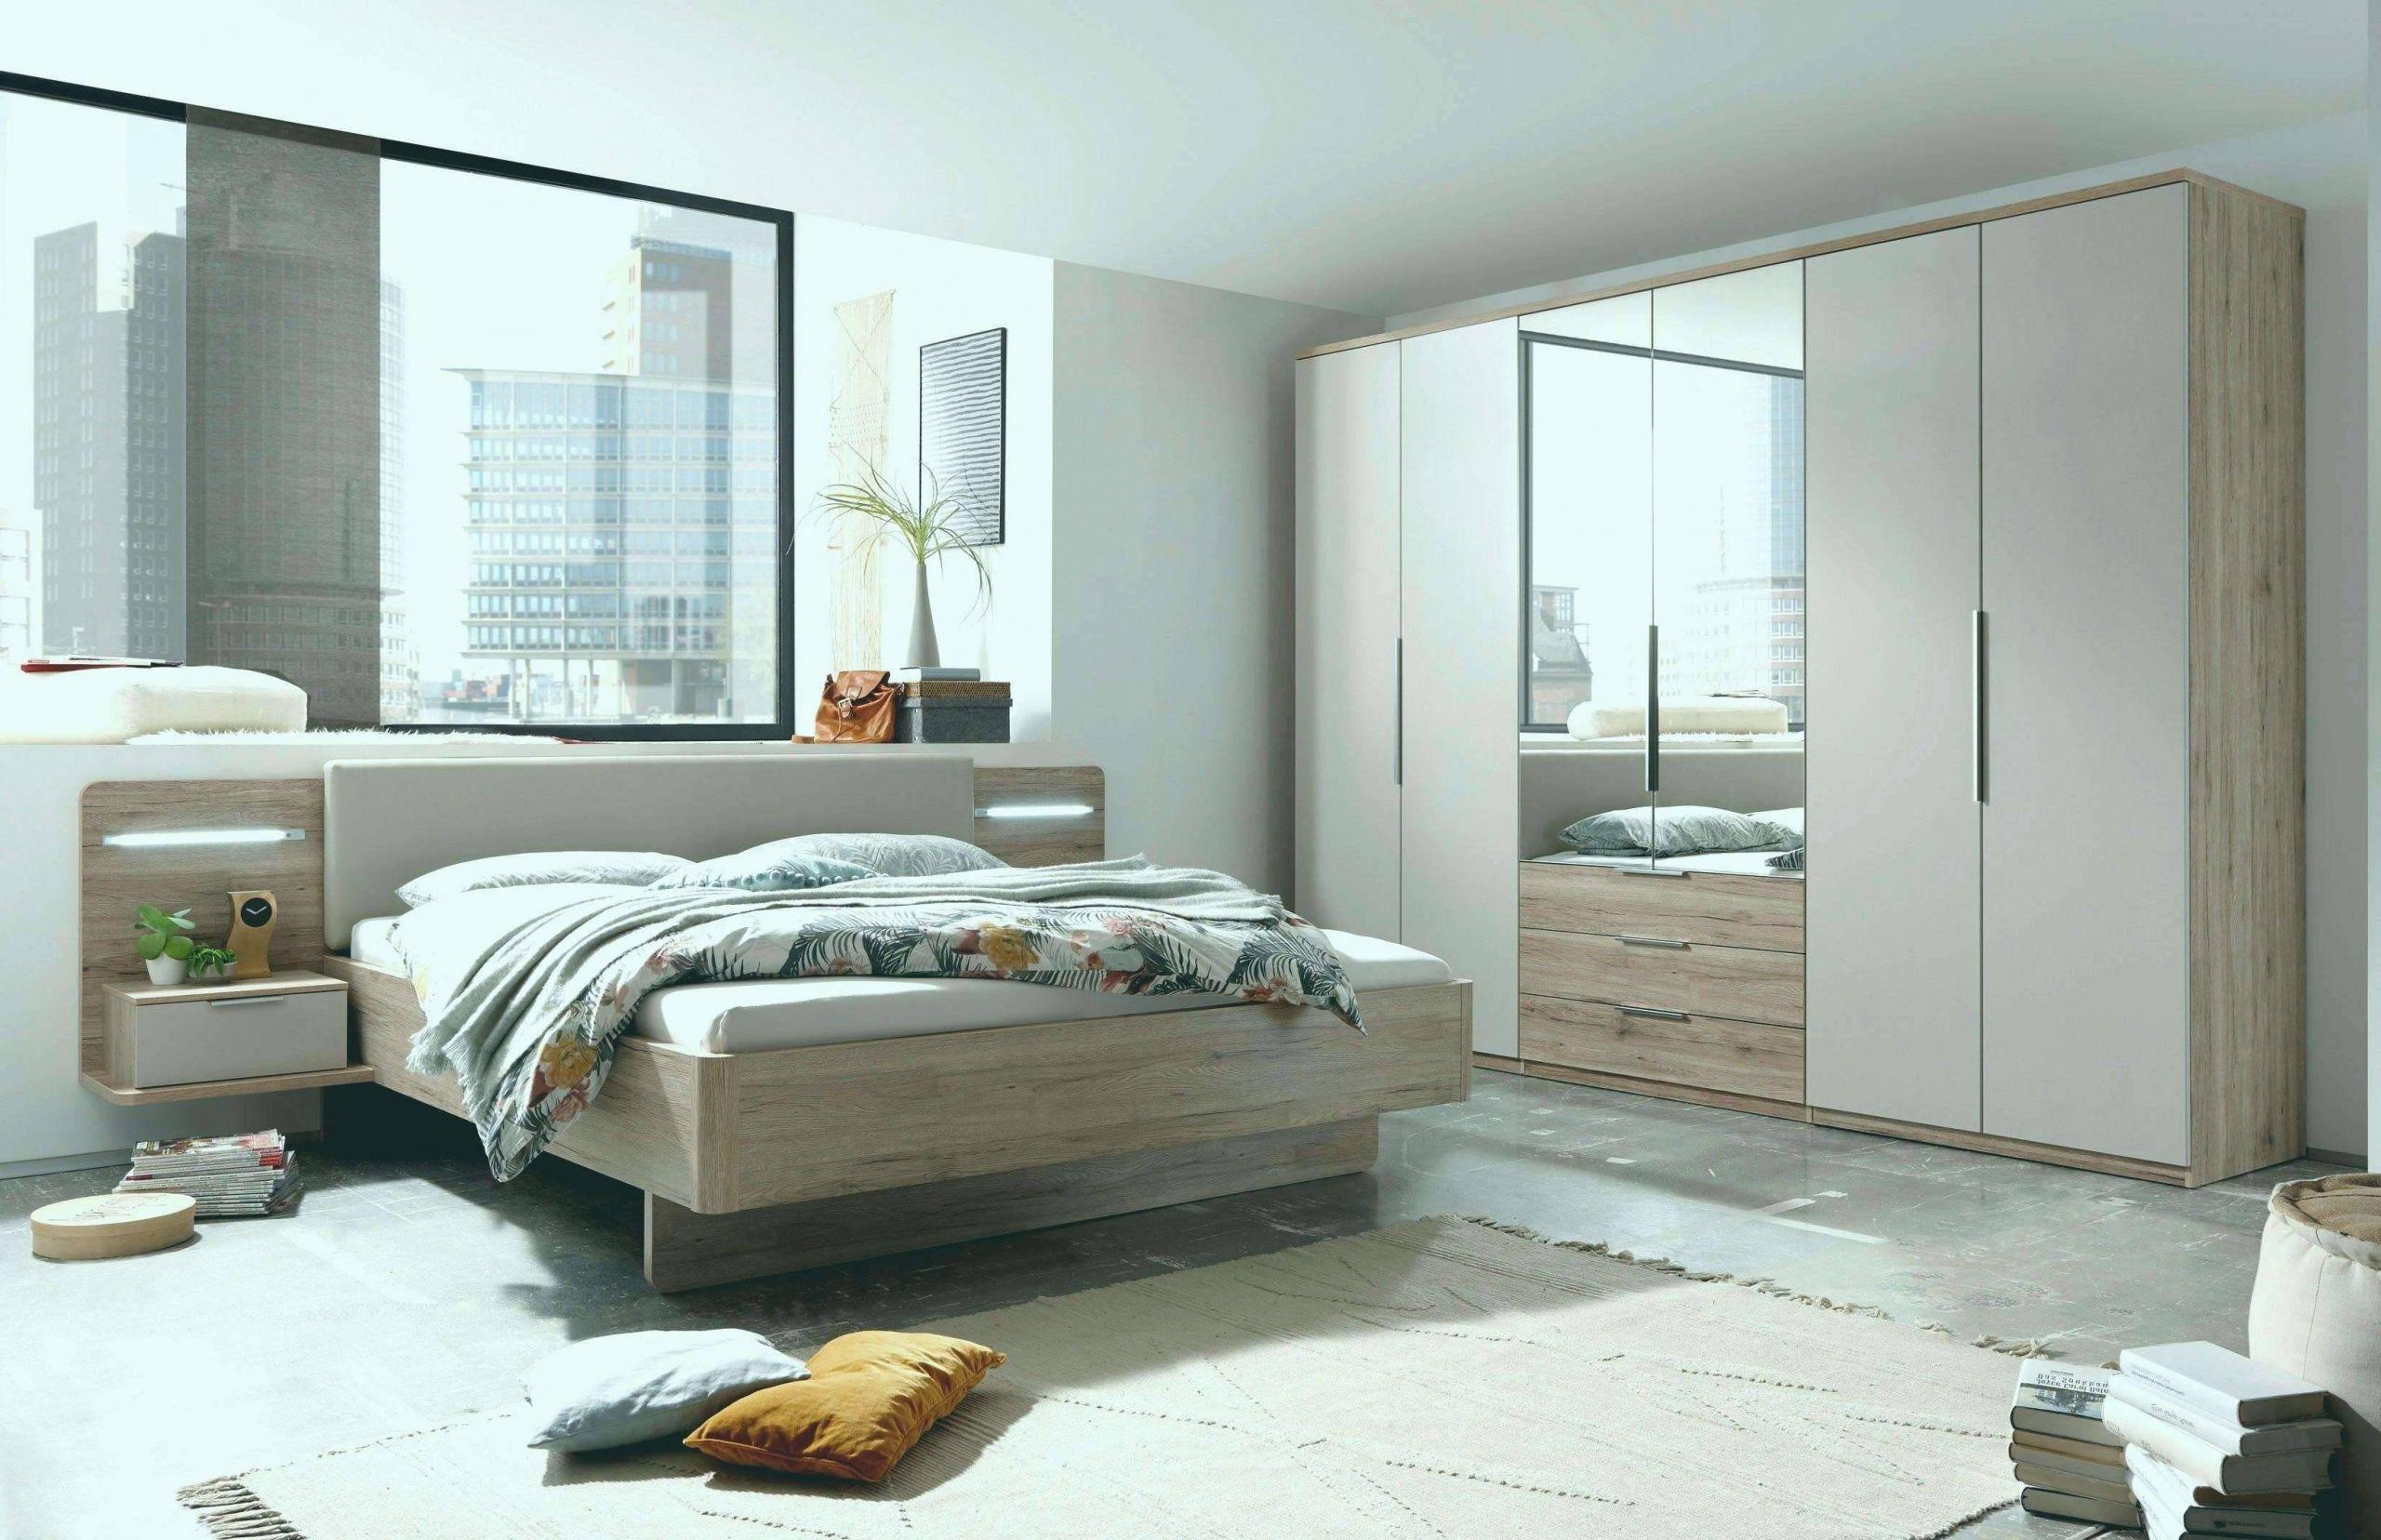 wohnzimmermobel rinde fresh 45 inspirierend dekoration sommer bild of wohnzimmermobel rinde